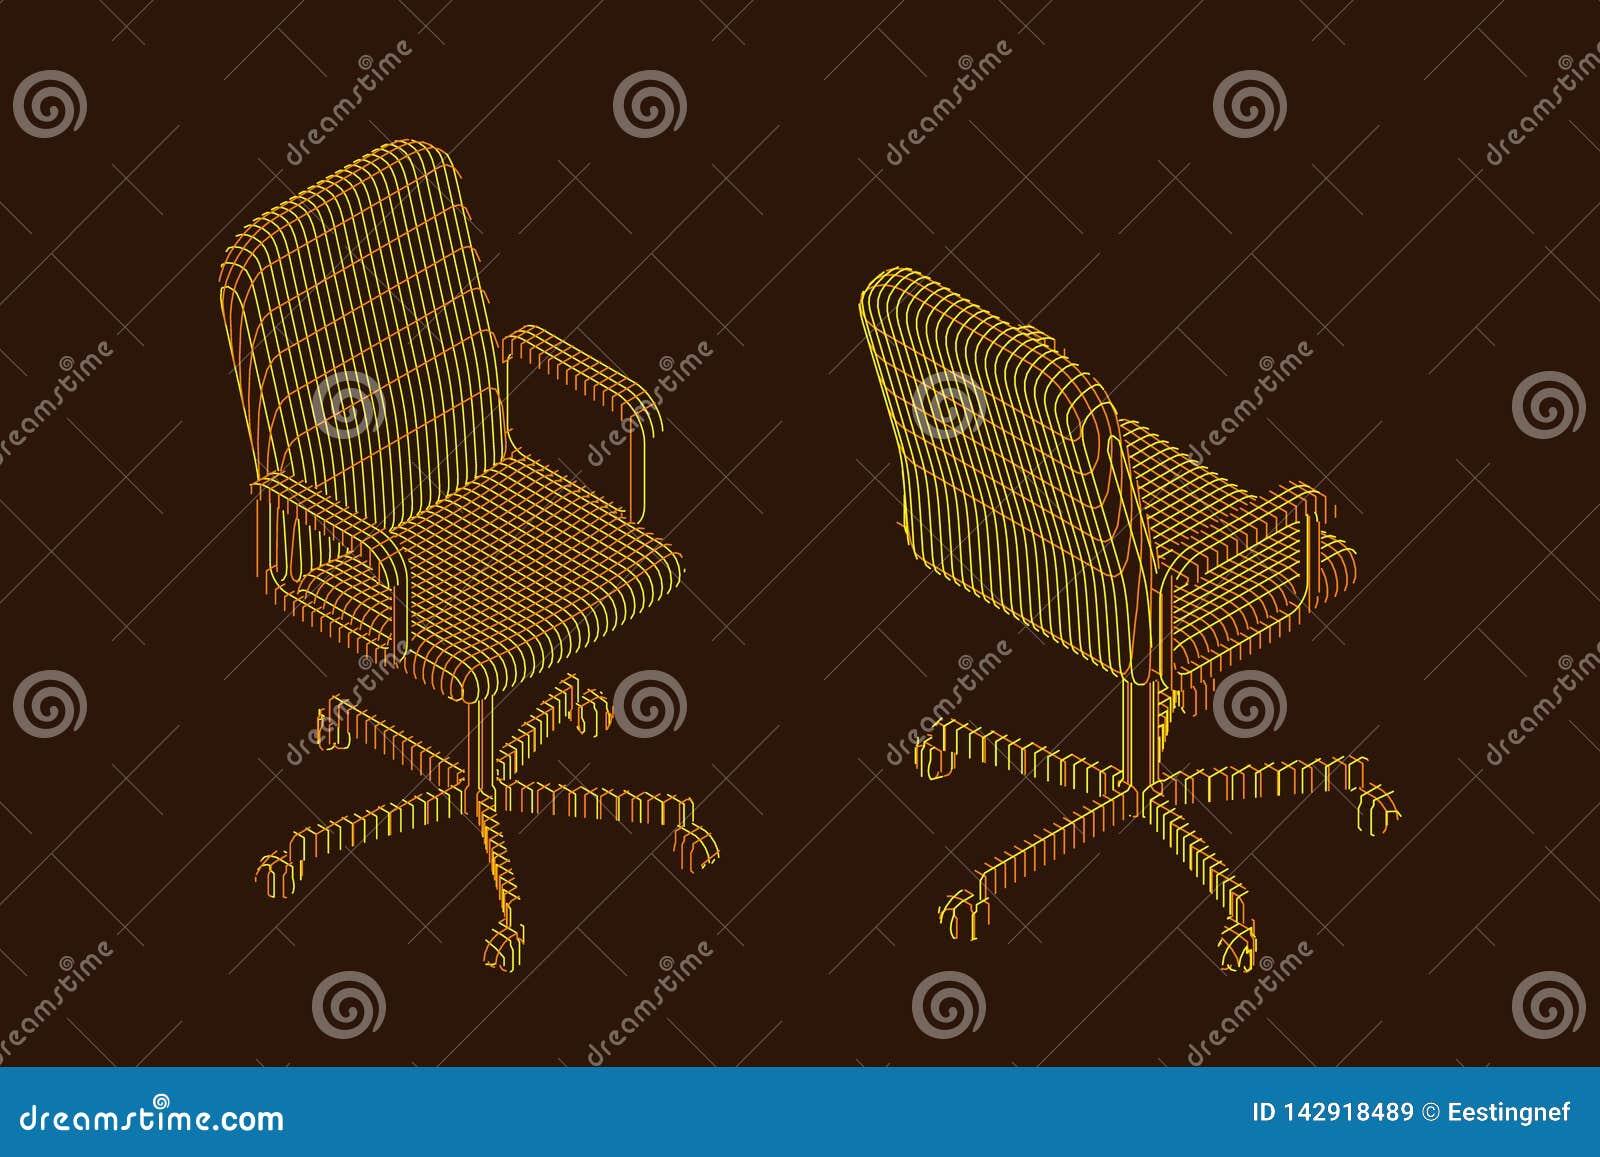 Ριγωτή καρέκλα γραφείων διανυσματική απεικόνιση περιγράμματος